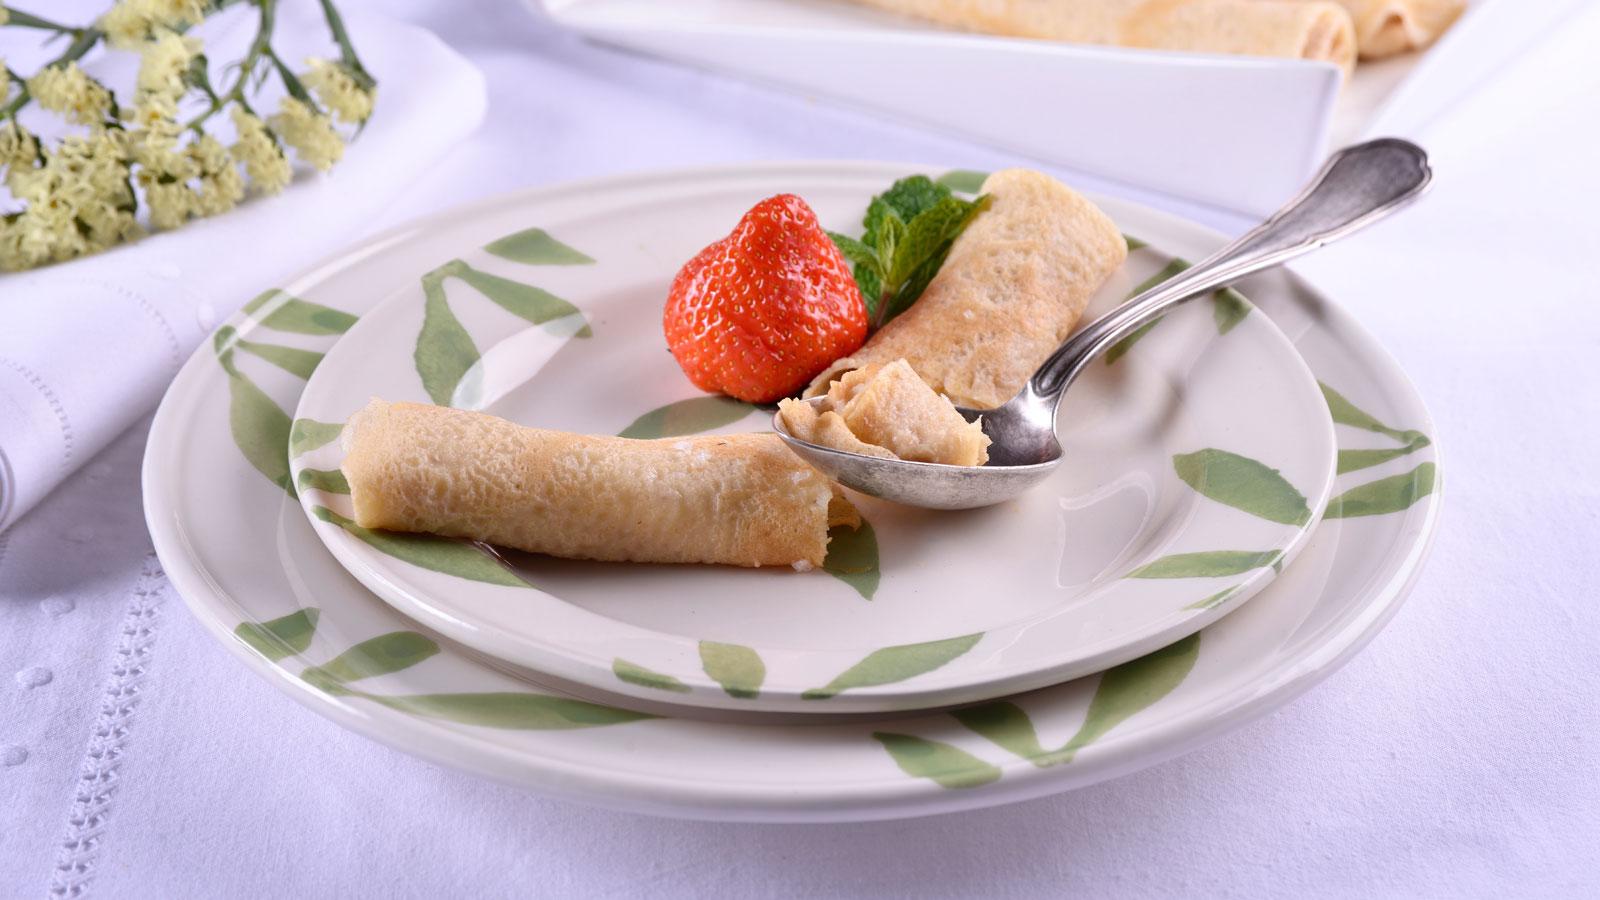 Crepes con crema de caramelo elena aymerich receta for Canal cocina cocina de familia